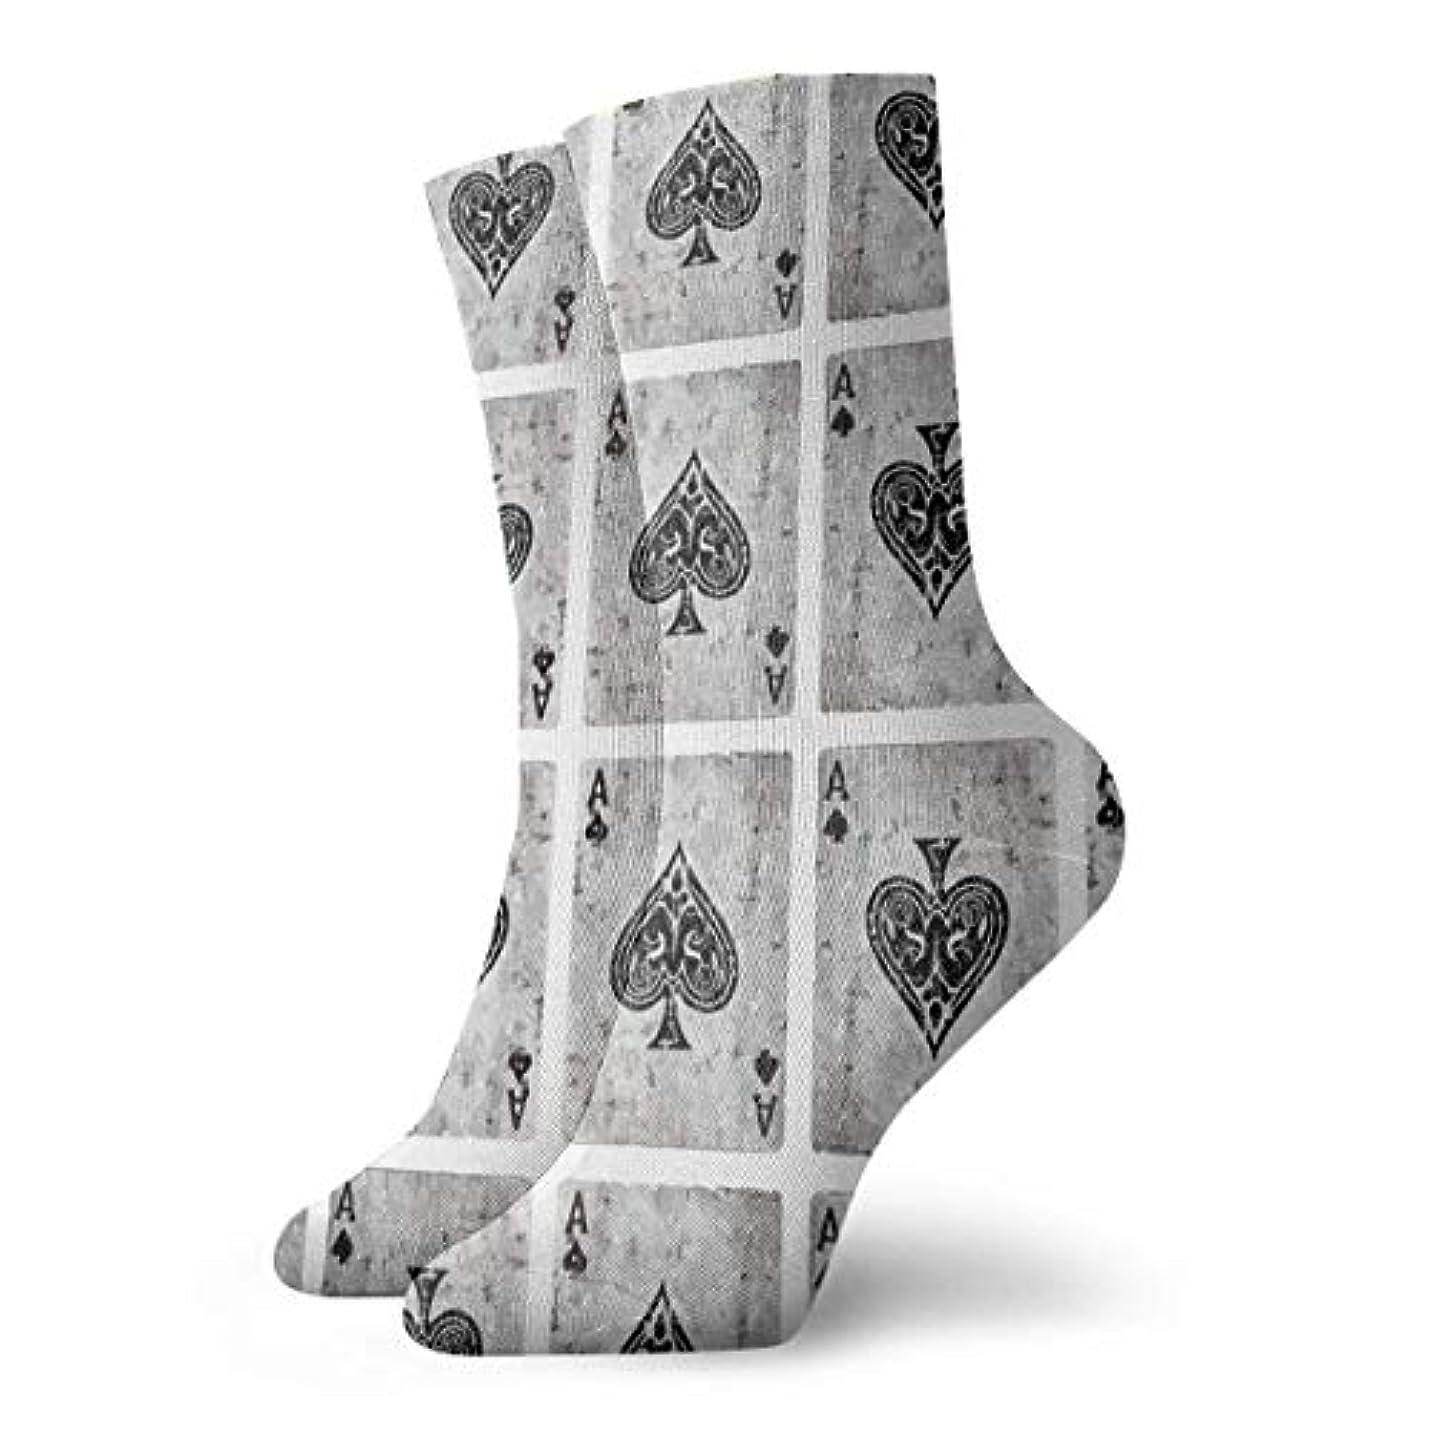 手のひらジョガーもろいスペードのクリスマスのビンテージエーススペードポーカーソフトクリスマス膝高ストッキング靴下、クリスマス楽しいカラフルな靴下ソックス